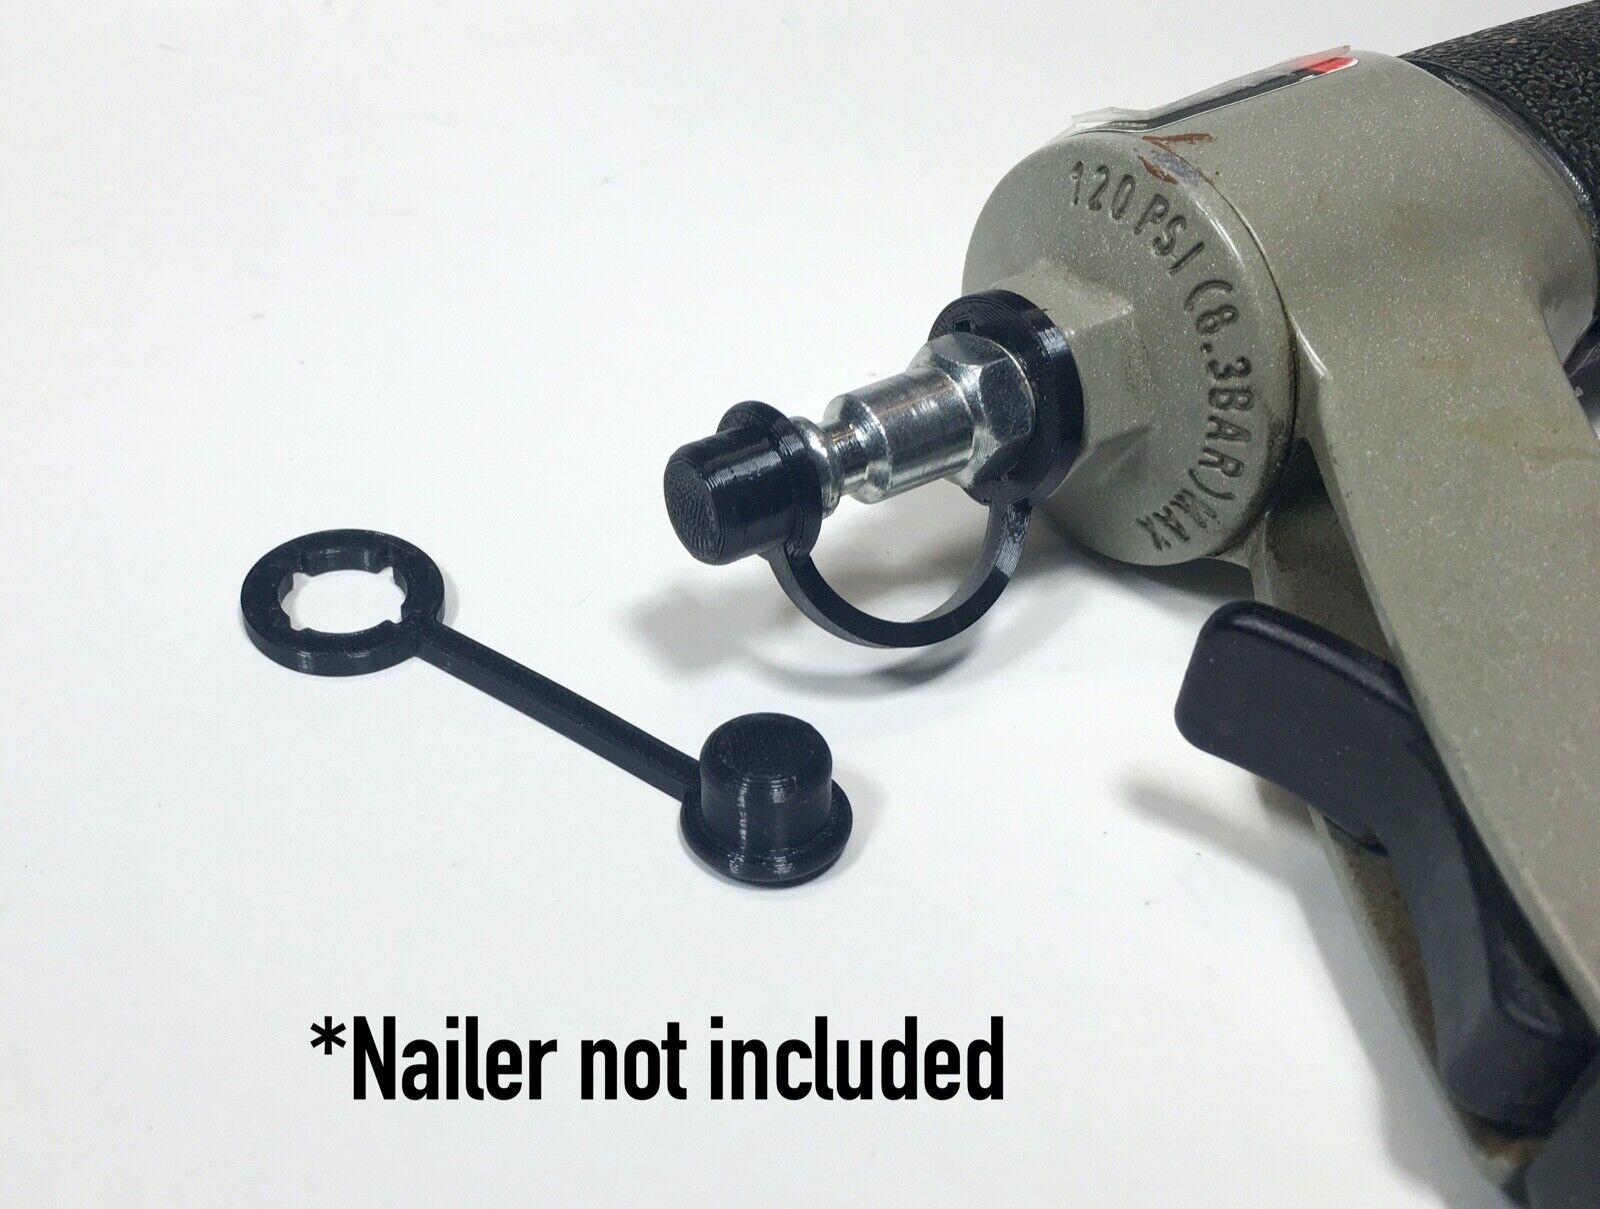 884443 mvgolfclub 3, 5 or 10  PACKS - IMPROVED Dust Cover Cap for Air Gun Nailer Stapler 1/4 NPT